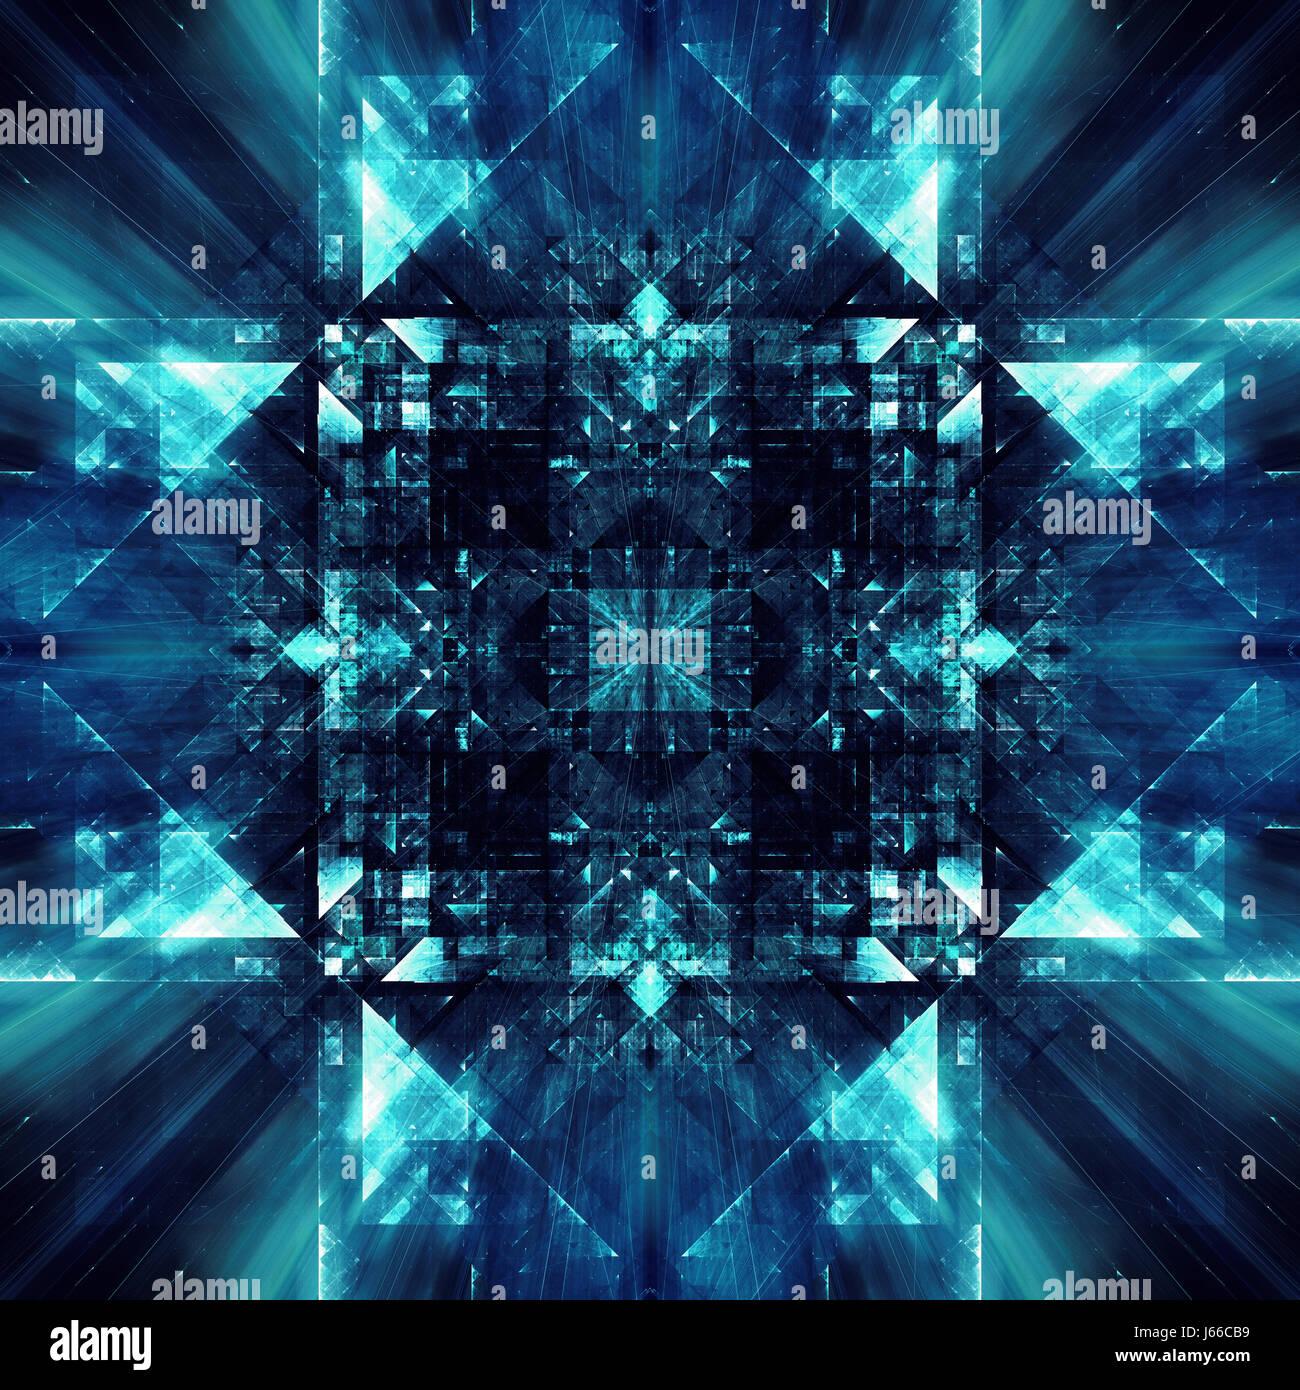 Abstract fractal digitale concetto basato intorno a dati digitali Immagini Stock